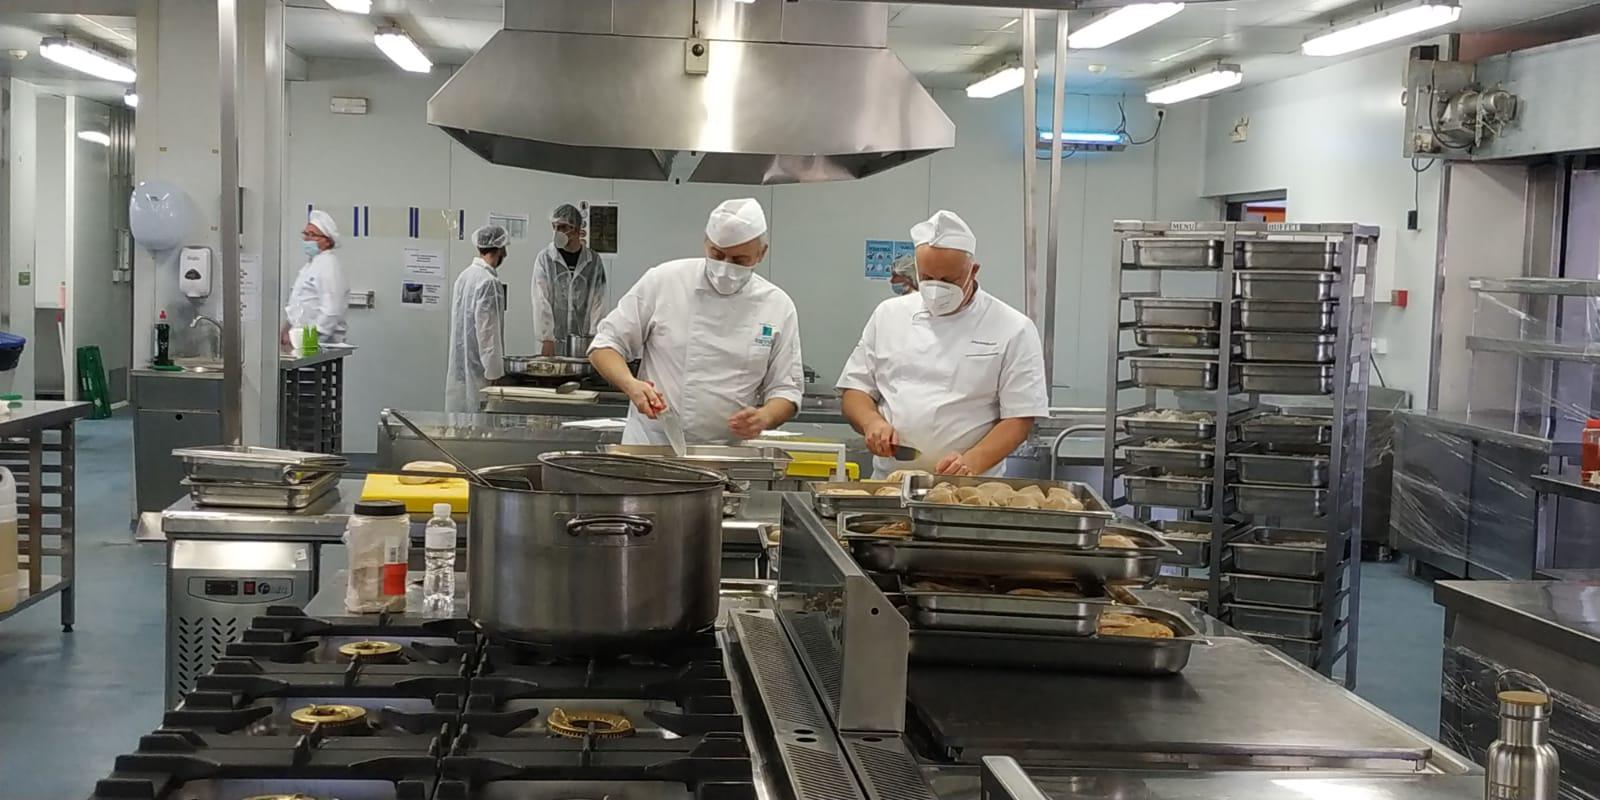 La escuela de hostelería de Leioa reparte más de 400 menús diarios con la World Central Kitchen